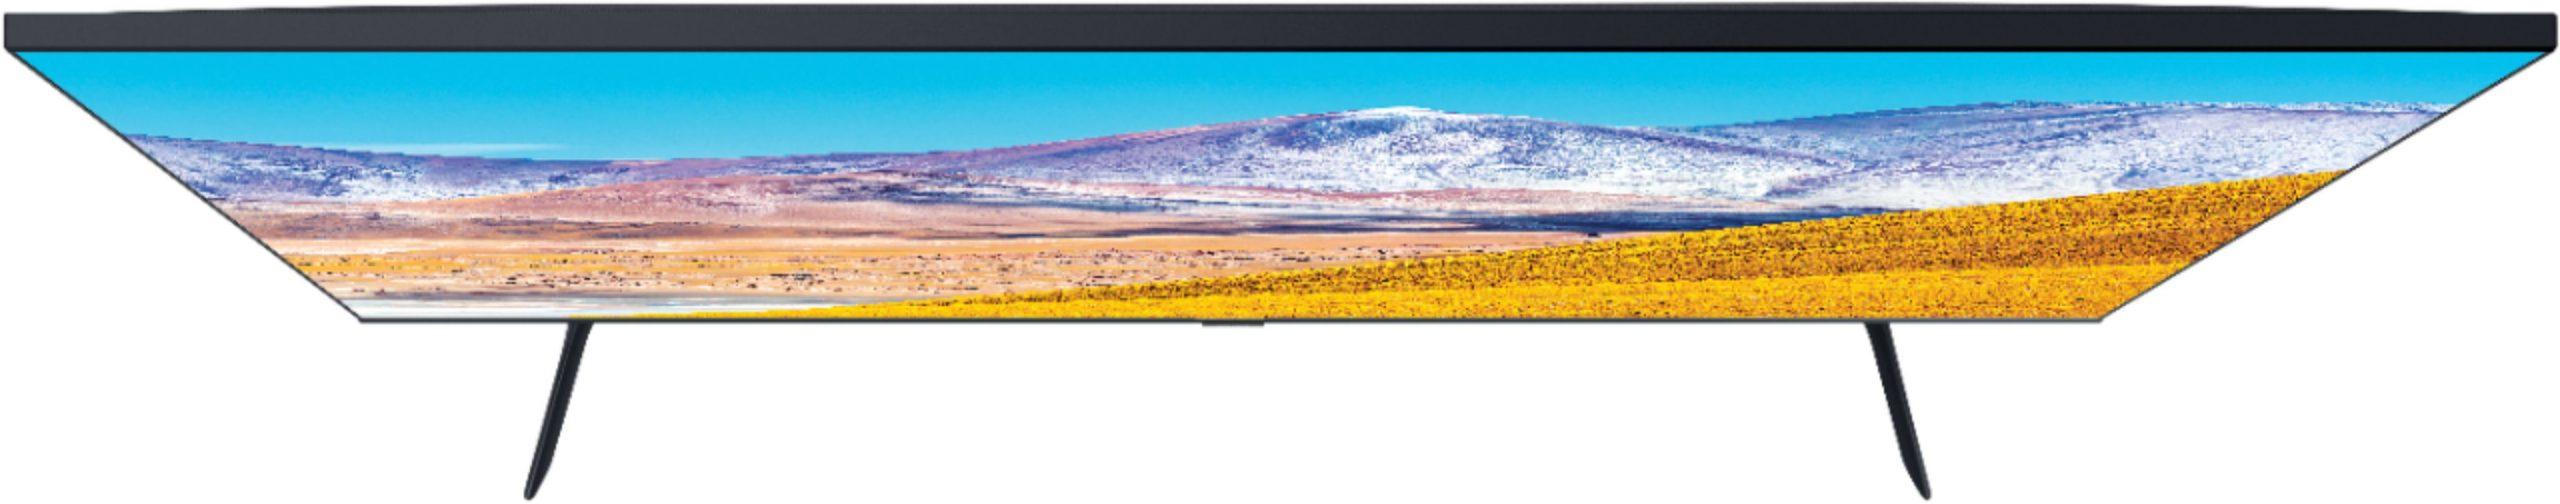 Samsung UN55TU800 top